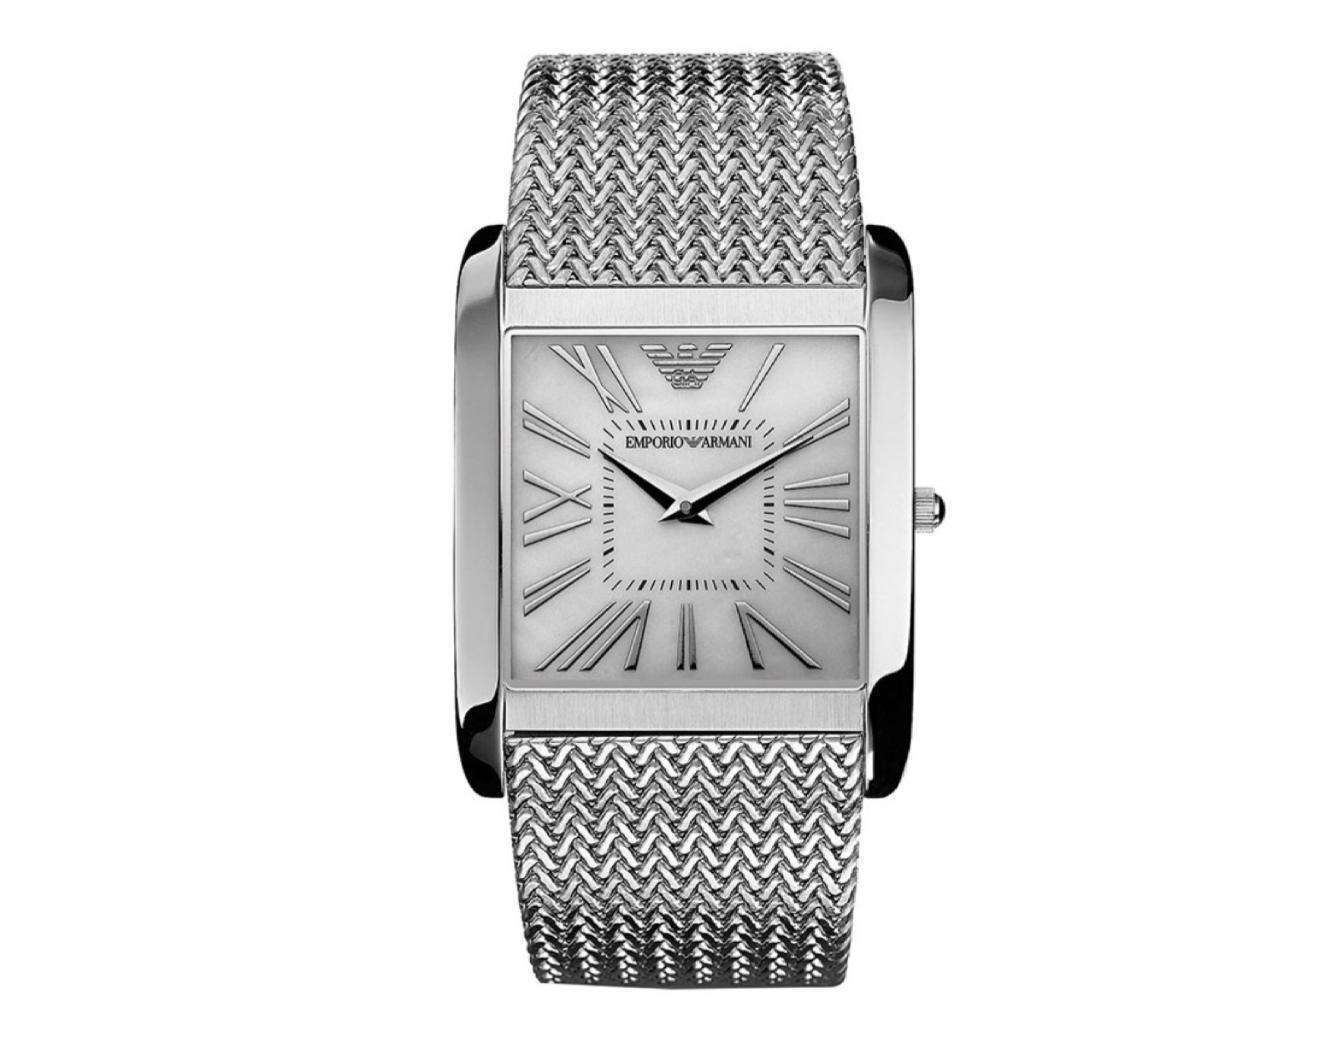 שעון יד אנלוגי לגבר emporio armani ar2015 אמפוריו ארמני